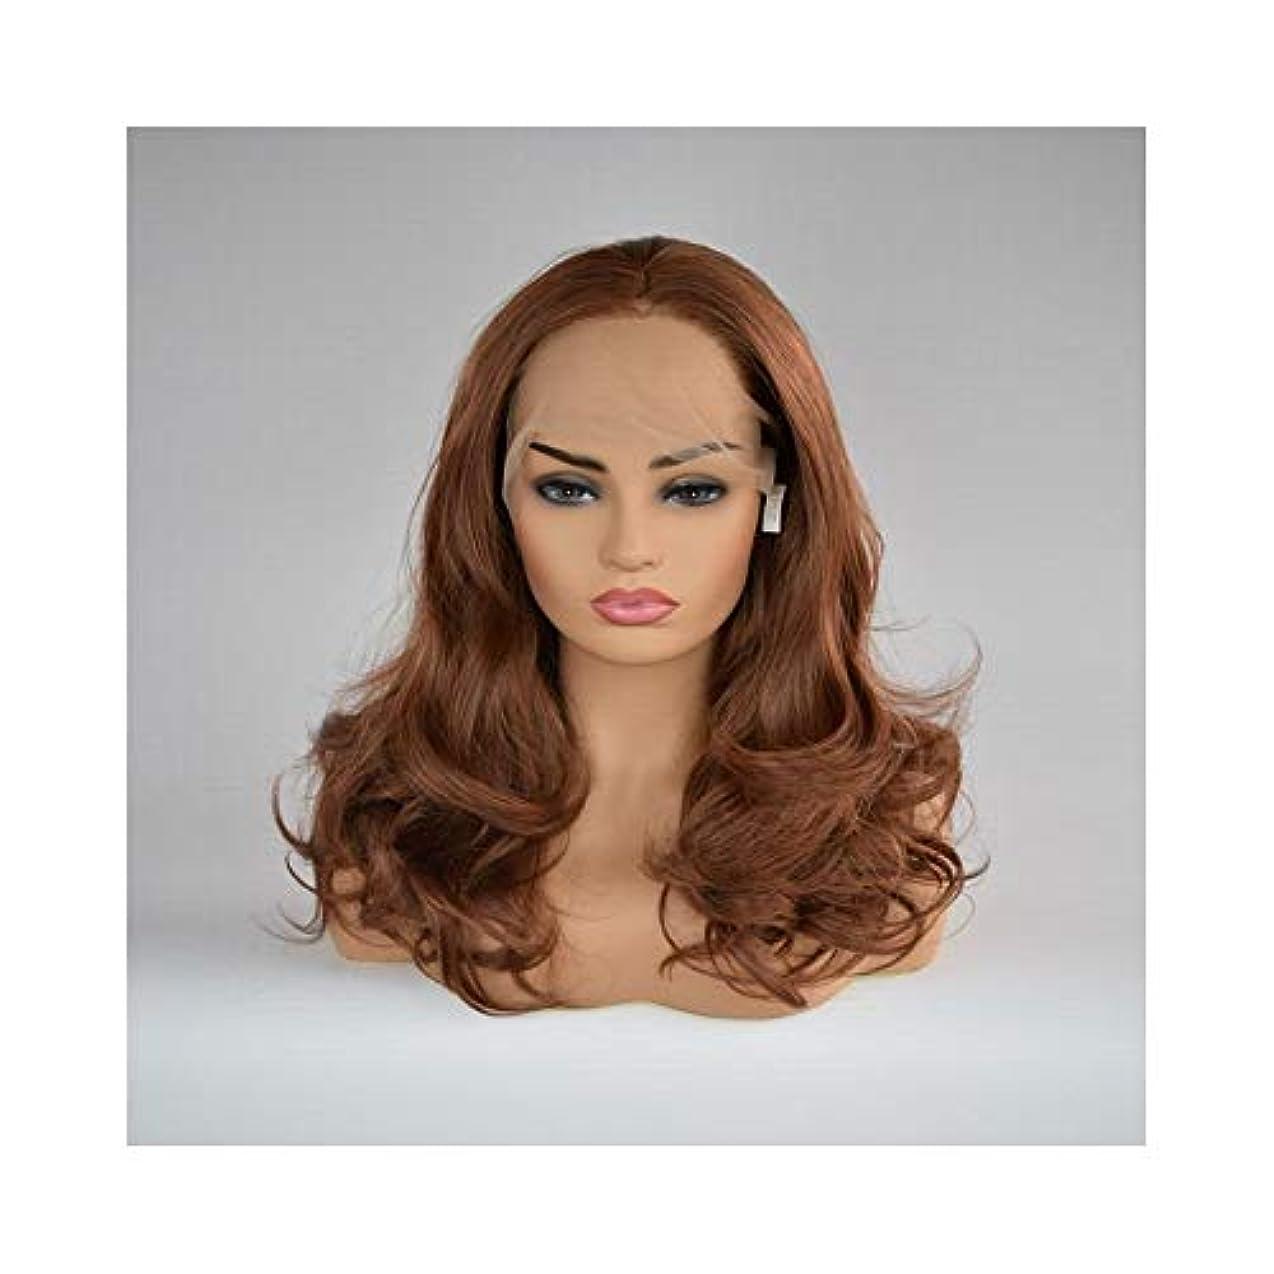 意義クールアドバイスYOUQIU ショートボブレースフロントウィッグ合成ダークブラウンウィッググルーレスウェーブ髪の耐熱性繊維ウィッグ (色 : Dark brown)